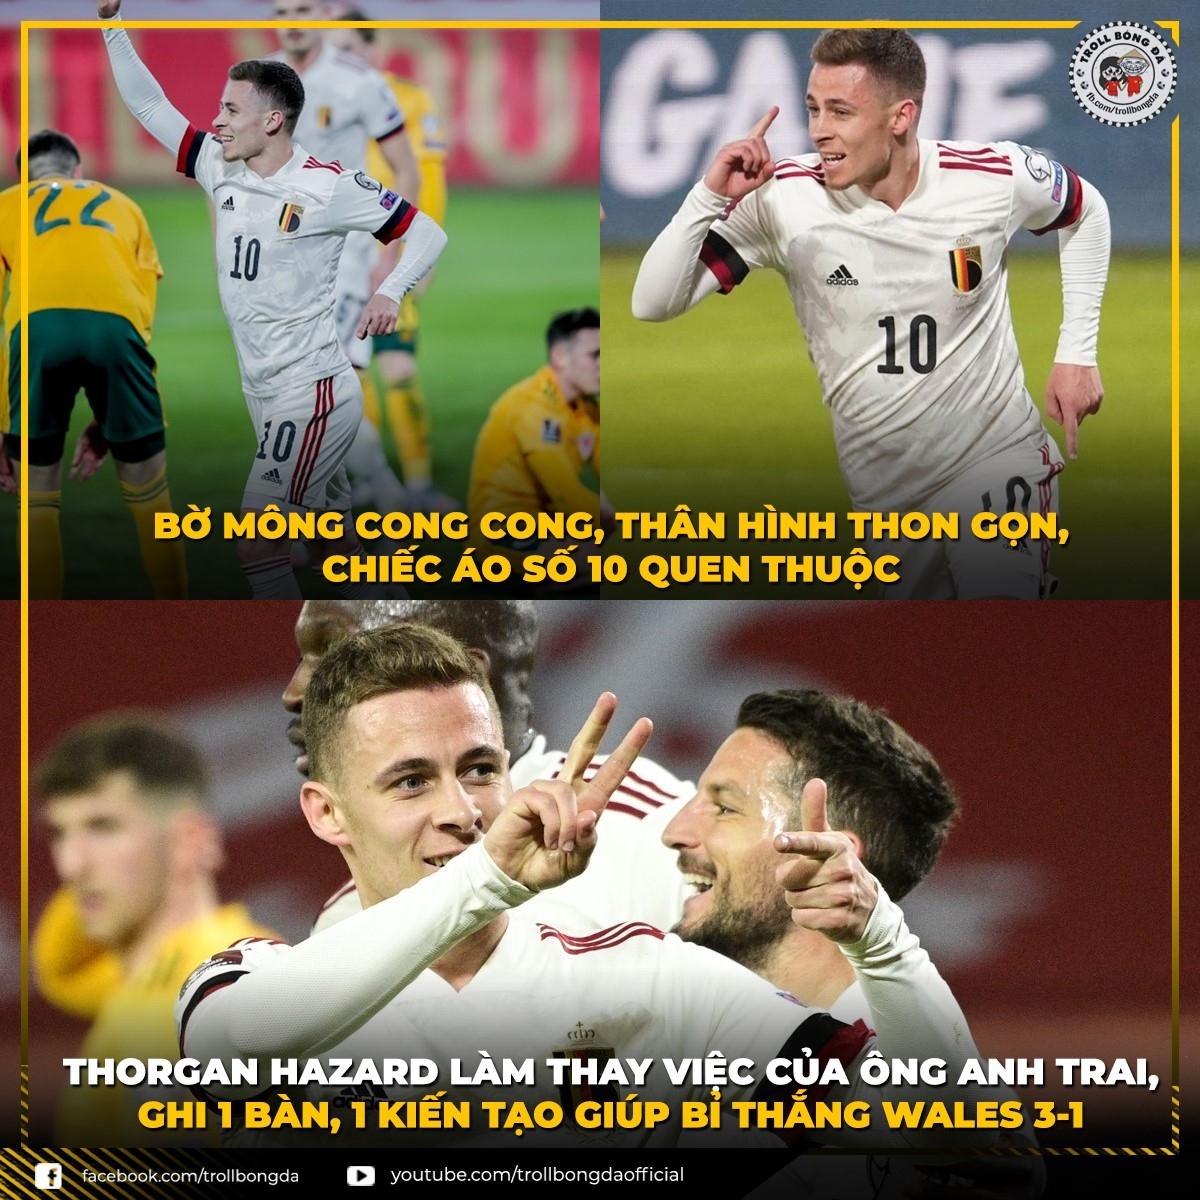 Thorgan Hazard đang thay thế vai trò của người anh Eden Hazard ở ĐT Bỉ. (Ảnh: Troll bóng đá)./.